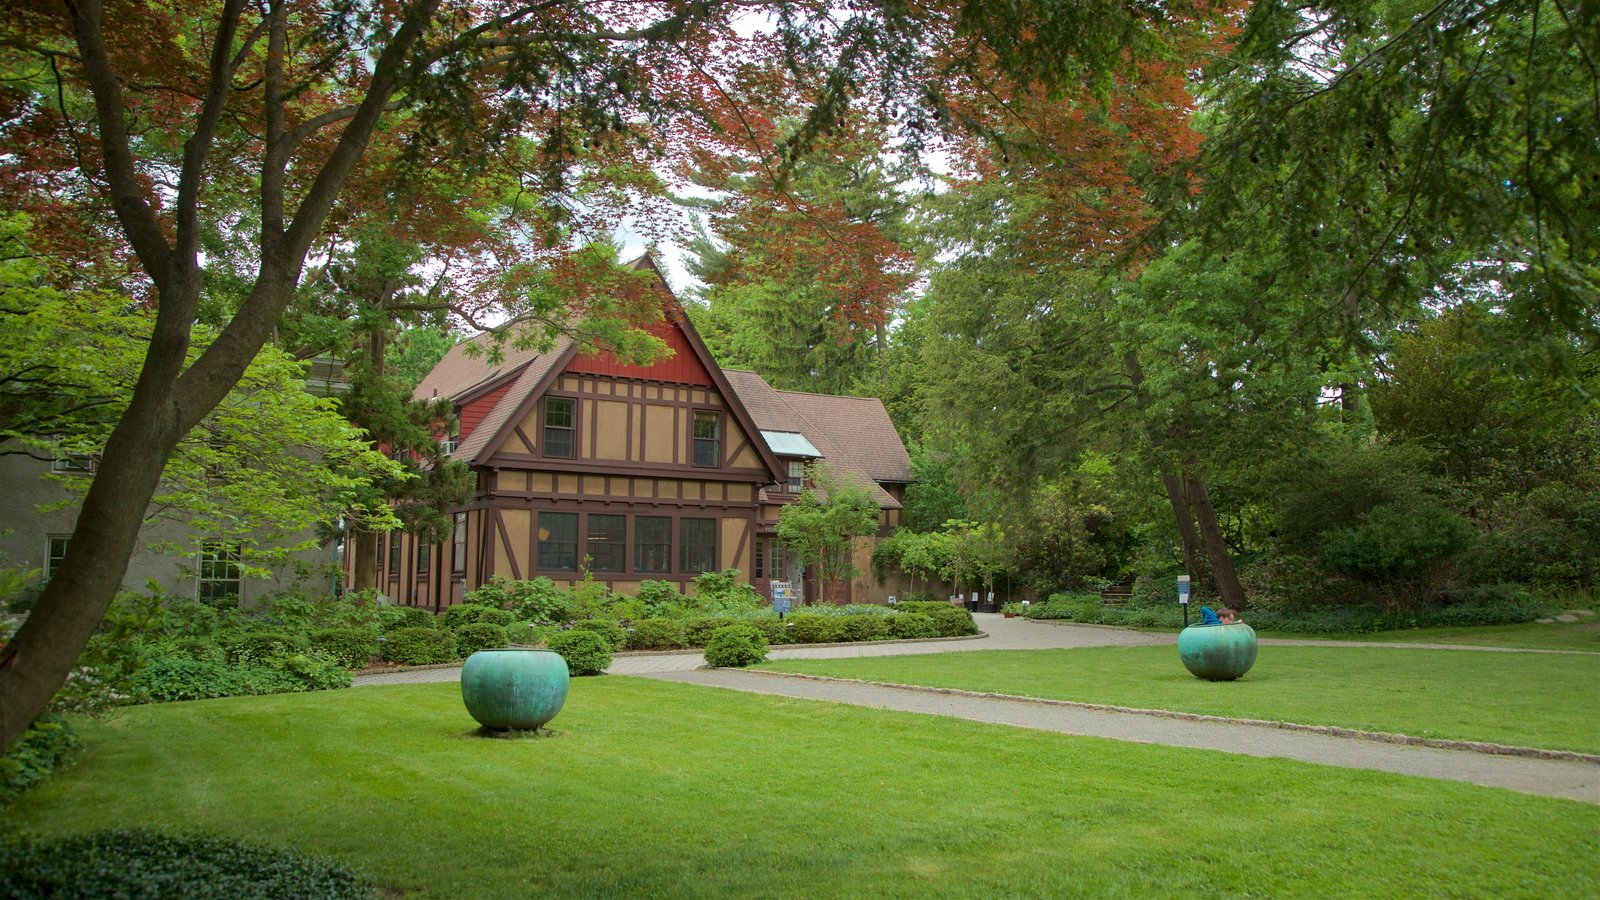 Van Vleck House & Gardens ofreciendo una casa y un jardín